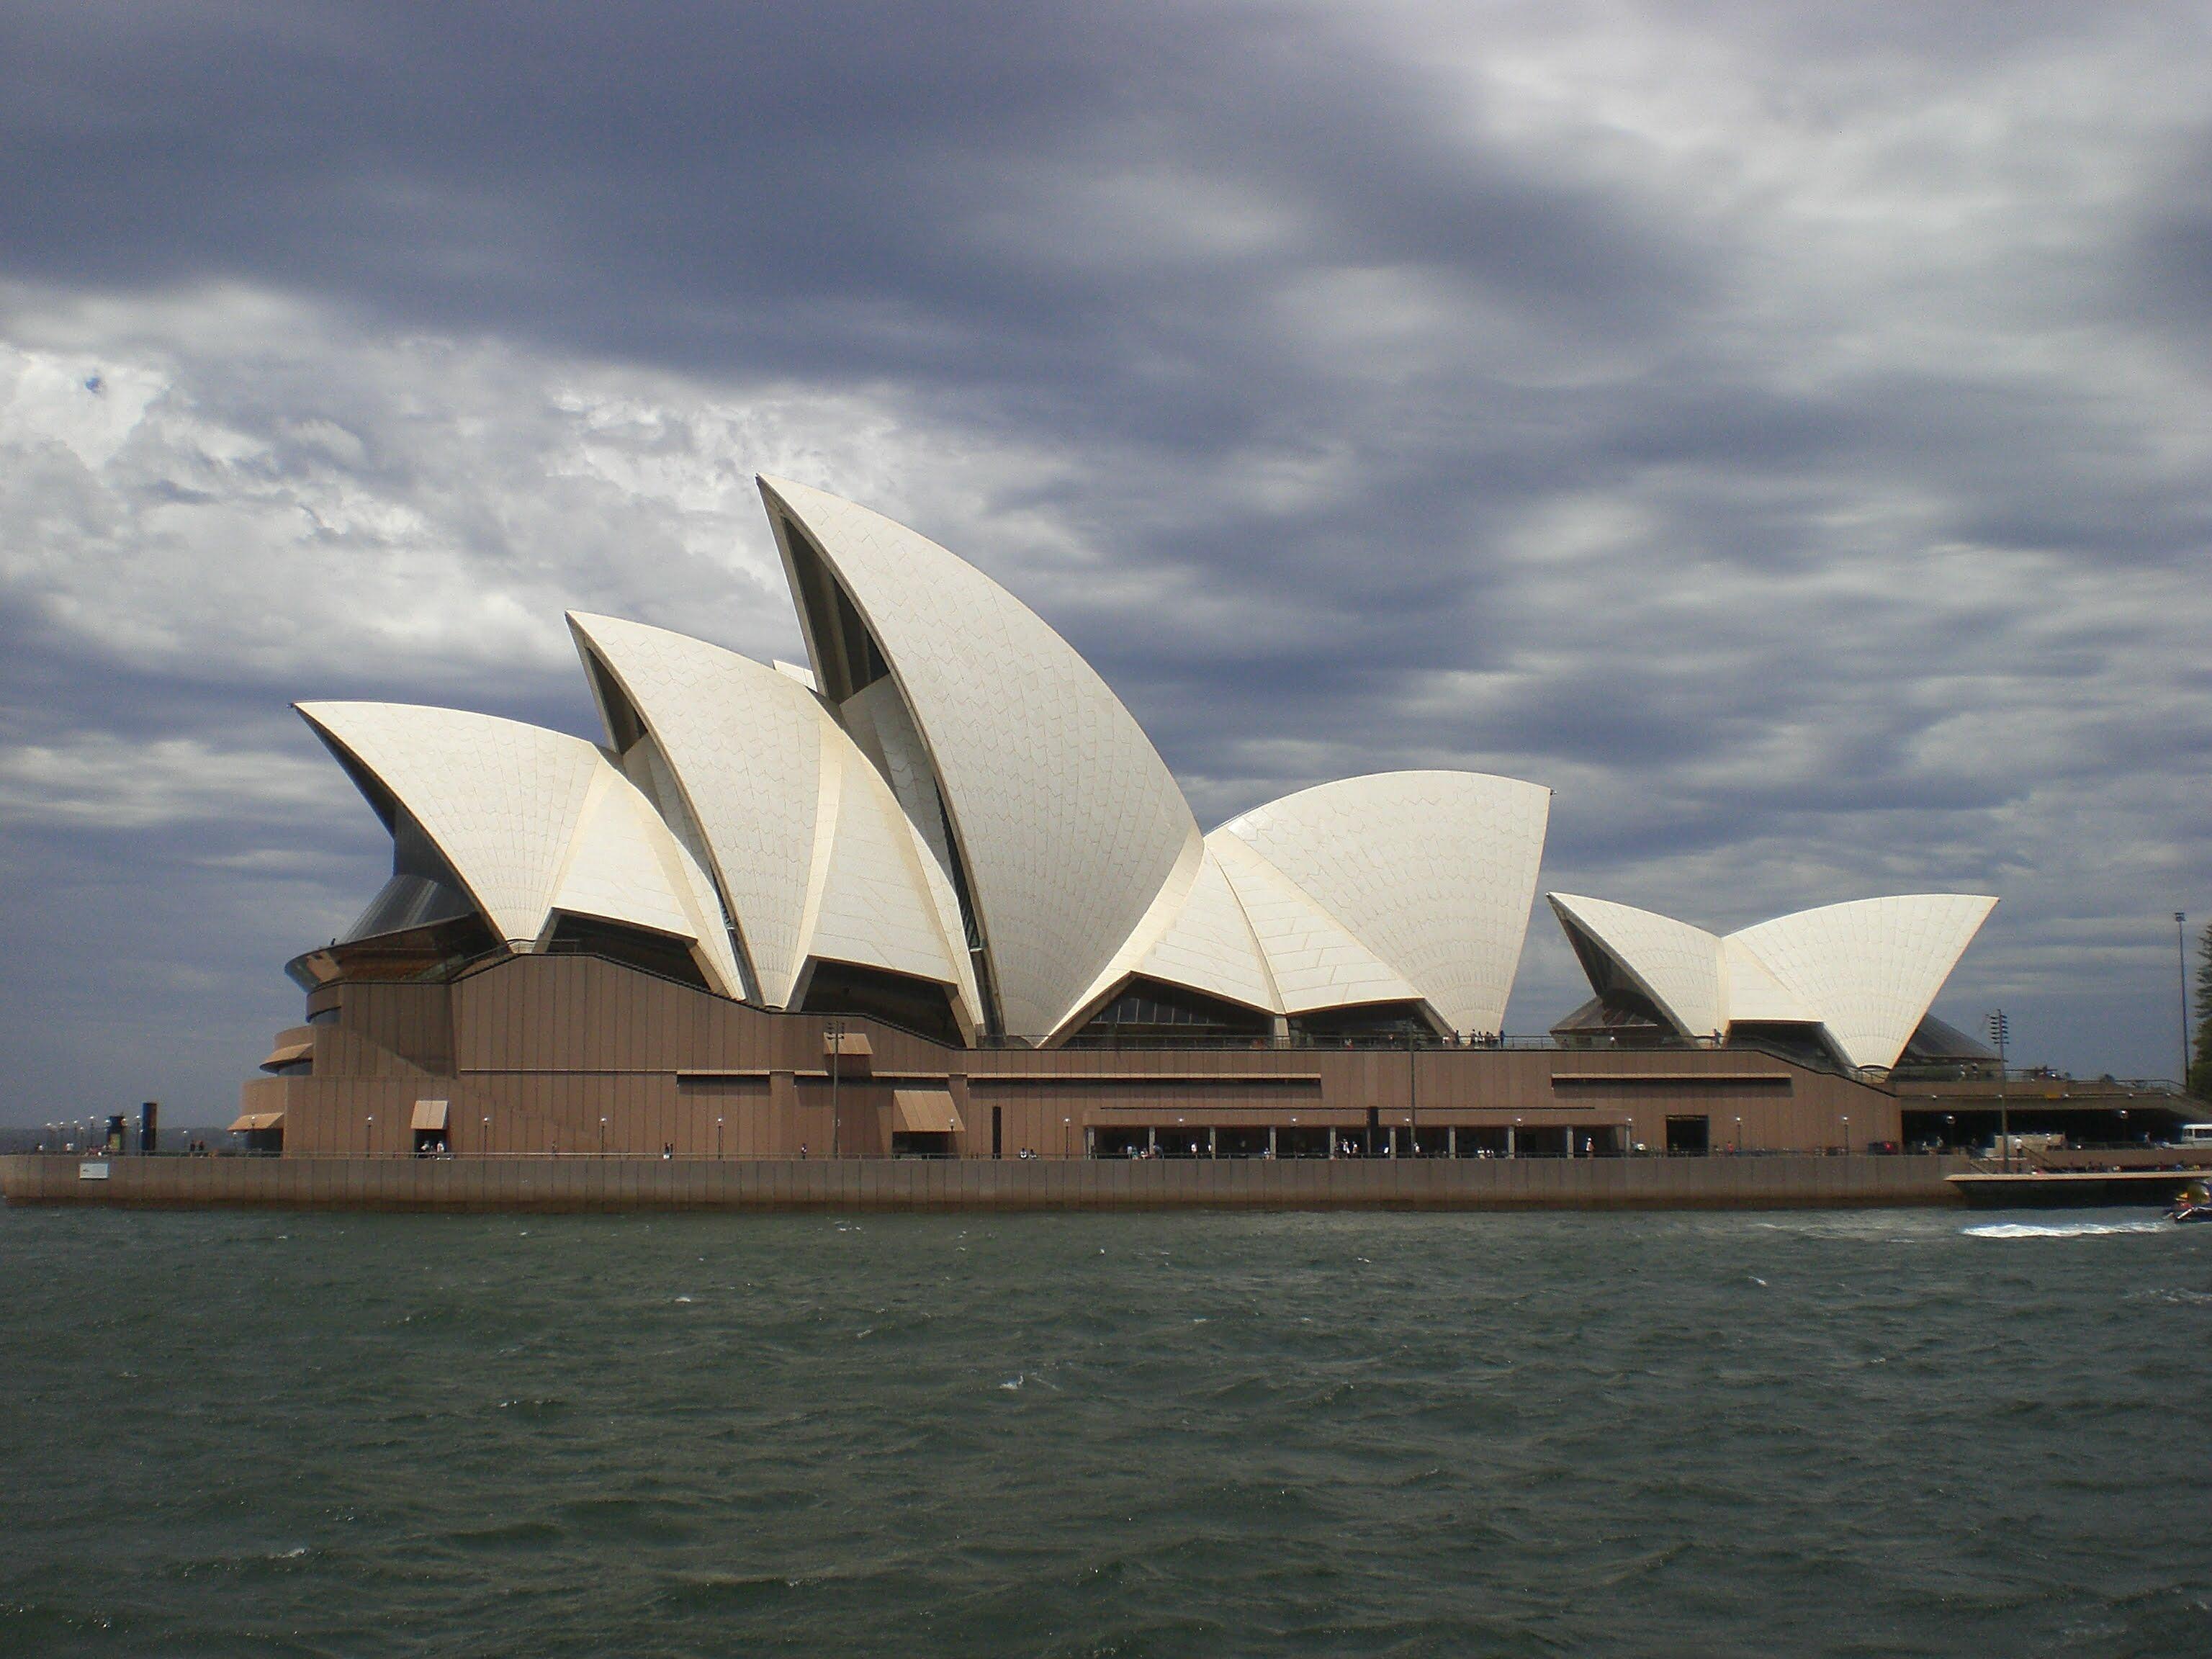 長い歳月をかけて完成されたオペラハウスの光と影